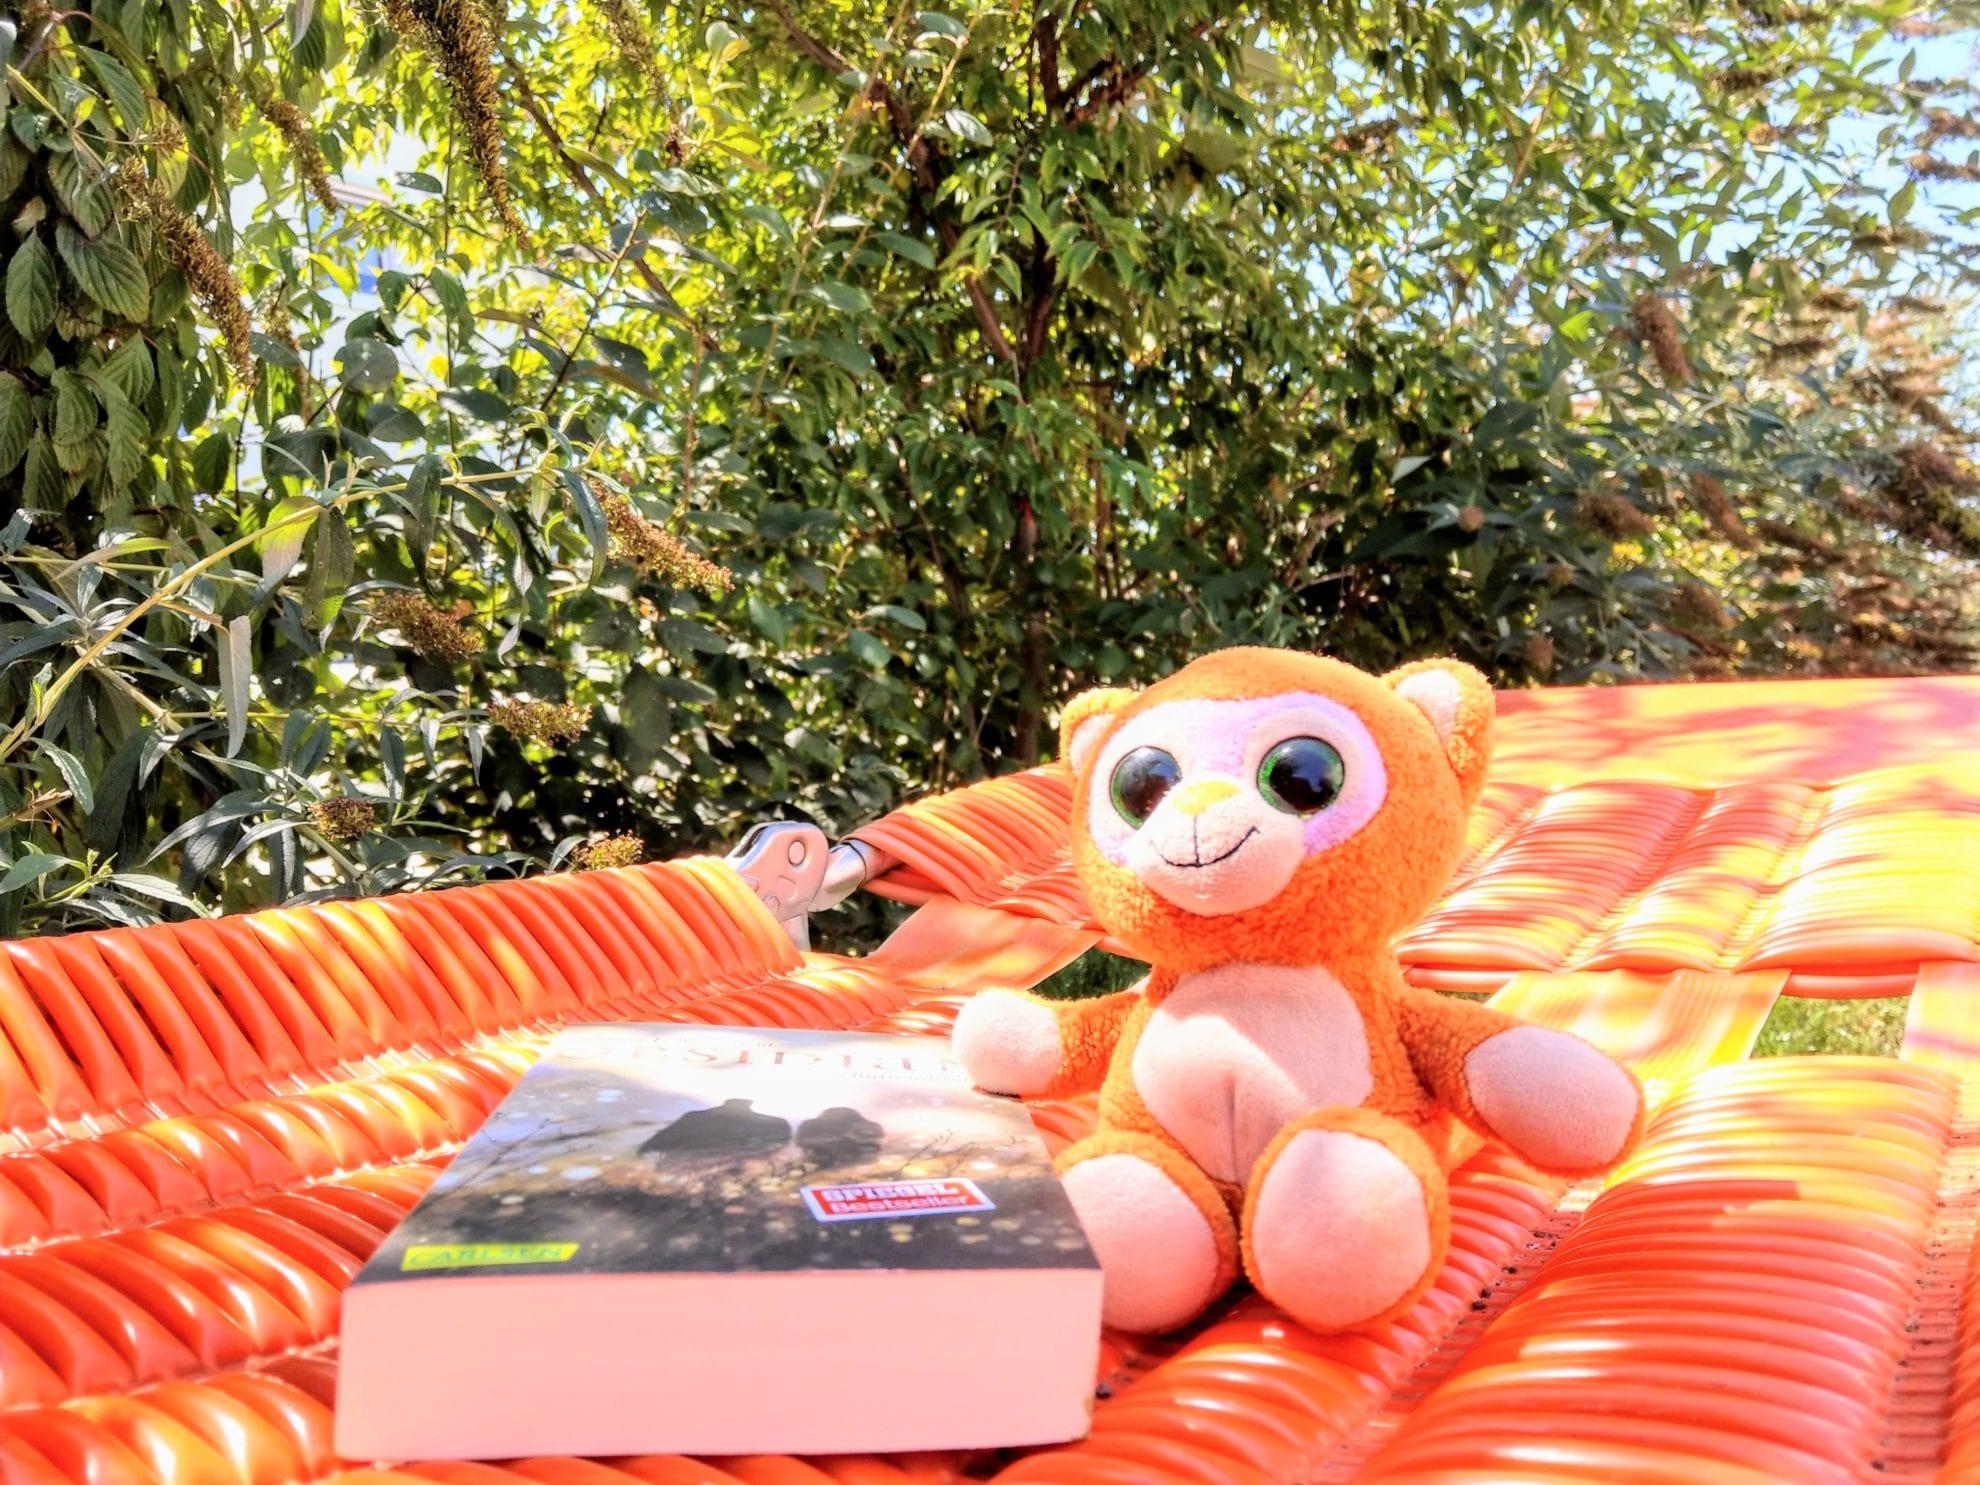 Die Gartenliege ist ein Erbstück und der Jugendroman ist ein Geschenk zu meinem Geburtstag im Juli